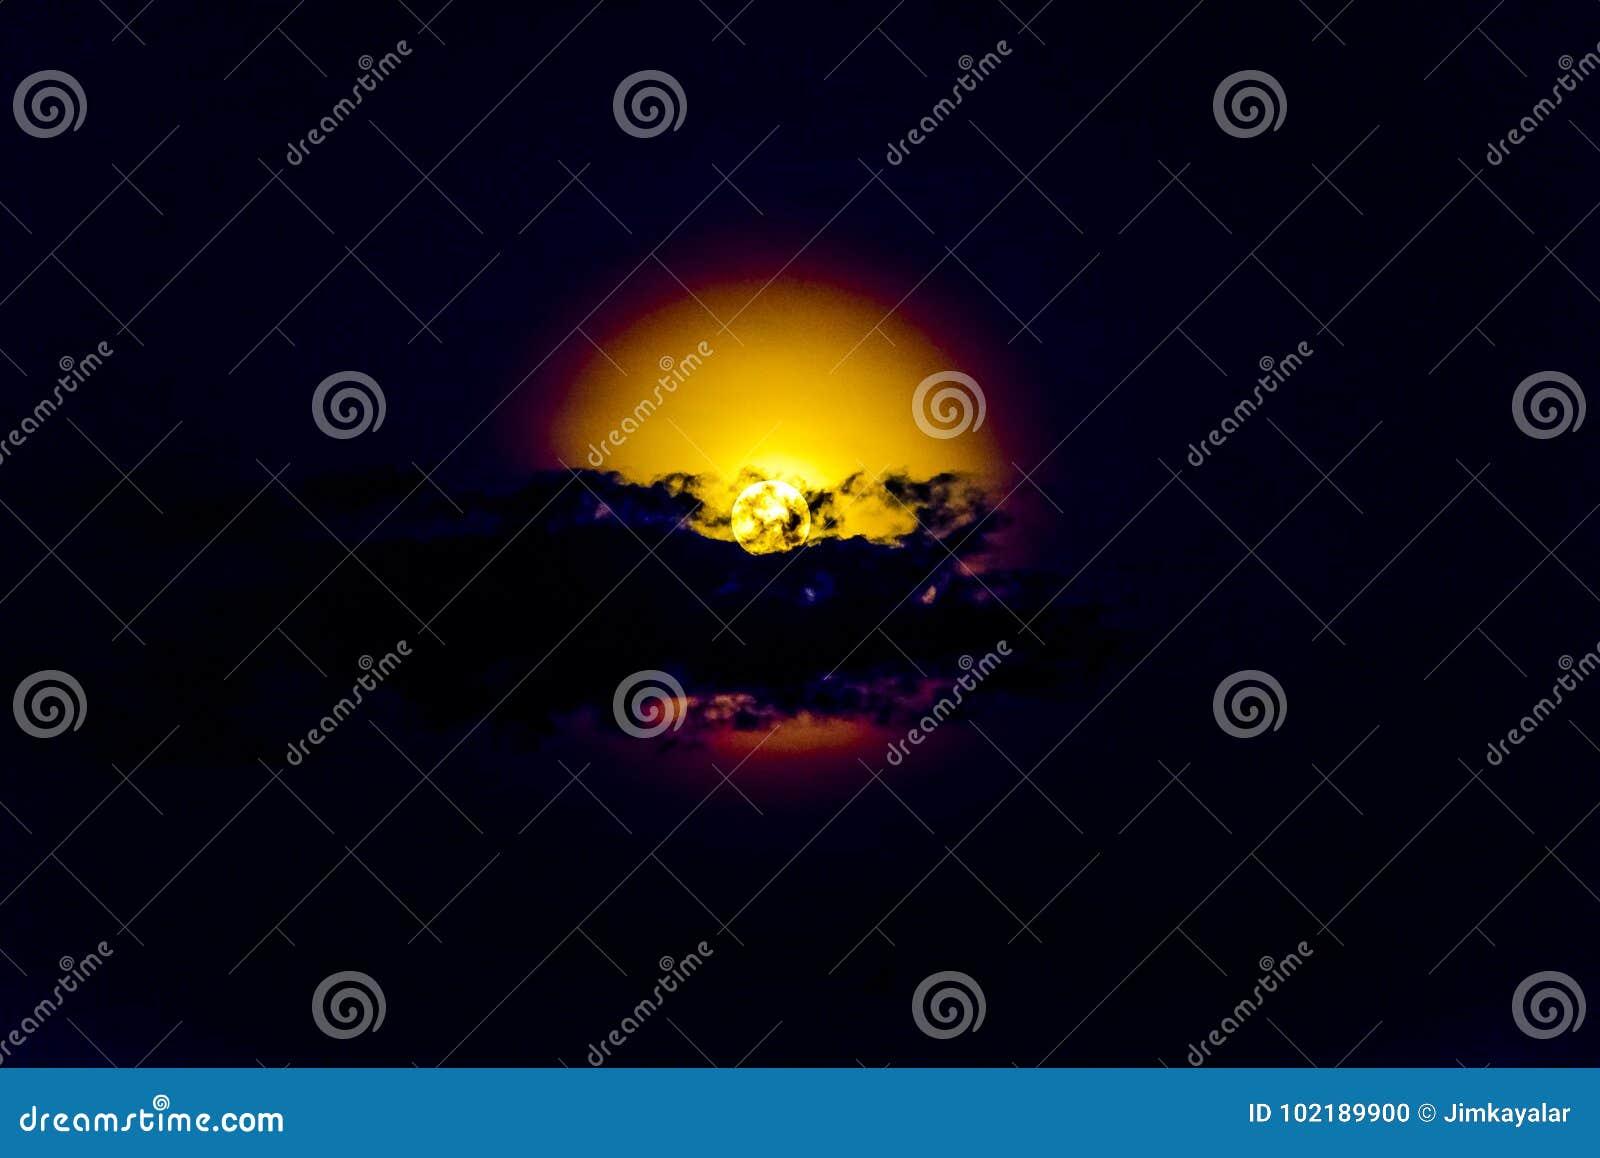 Abstract Bloody Moon Stock Photo Image Of Astral Sunset 102189900 Schau dir unsere auswahl an blood moon texture an, um die tollsten einzigartigen oder spezialgefertigten, handgemachten stücke aus unseren shops zu finden. dreamstime com